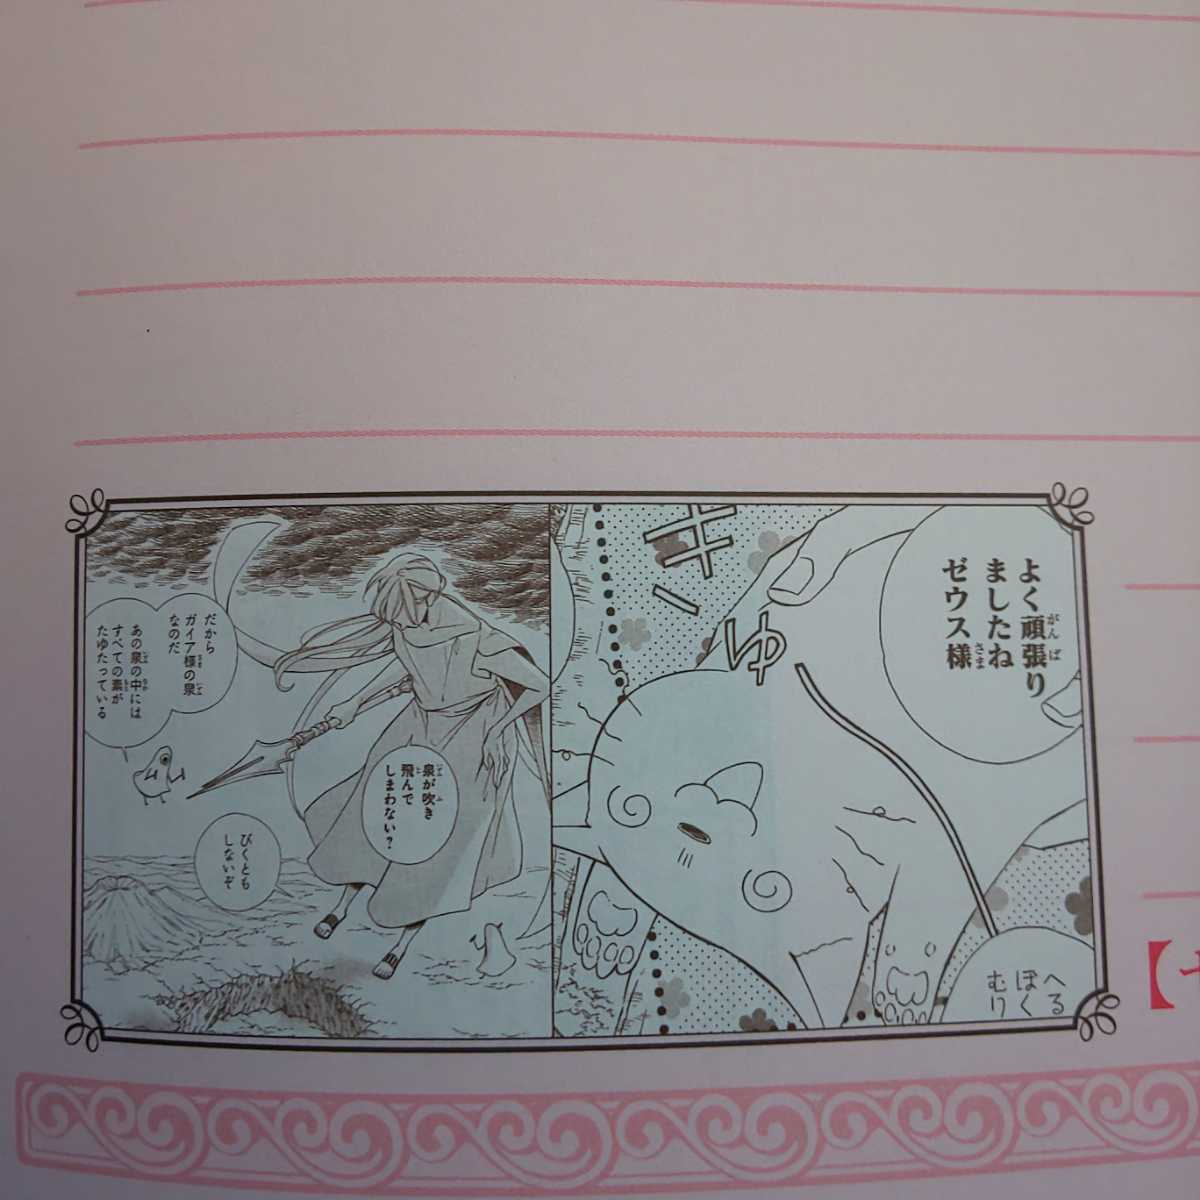 1円スタート! コレットは死ぬことにした ノート 2020年14・15合併号 花とゆめ 付録 景品 コレクション コレクター 白泉社 akichan7777jp_画像5